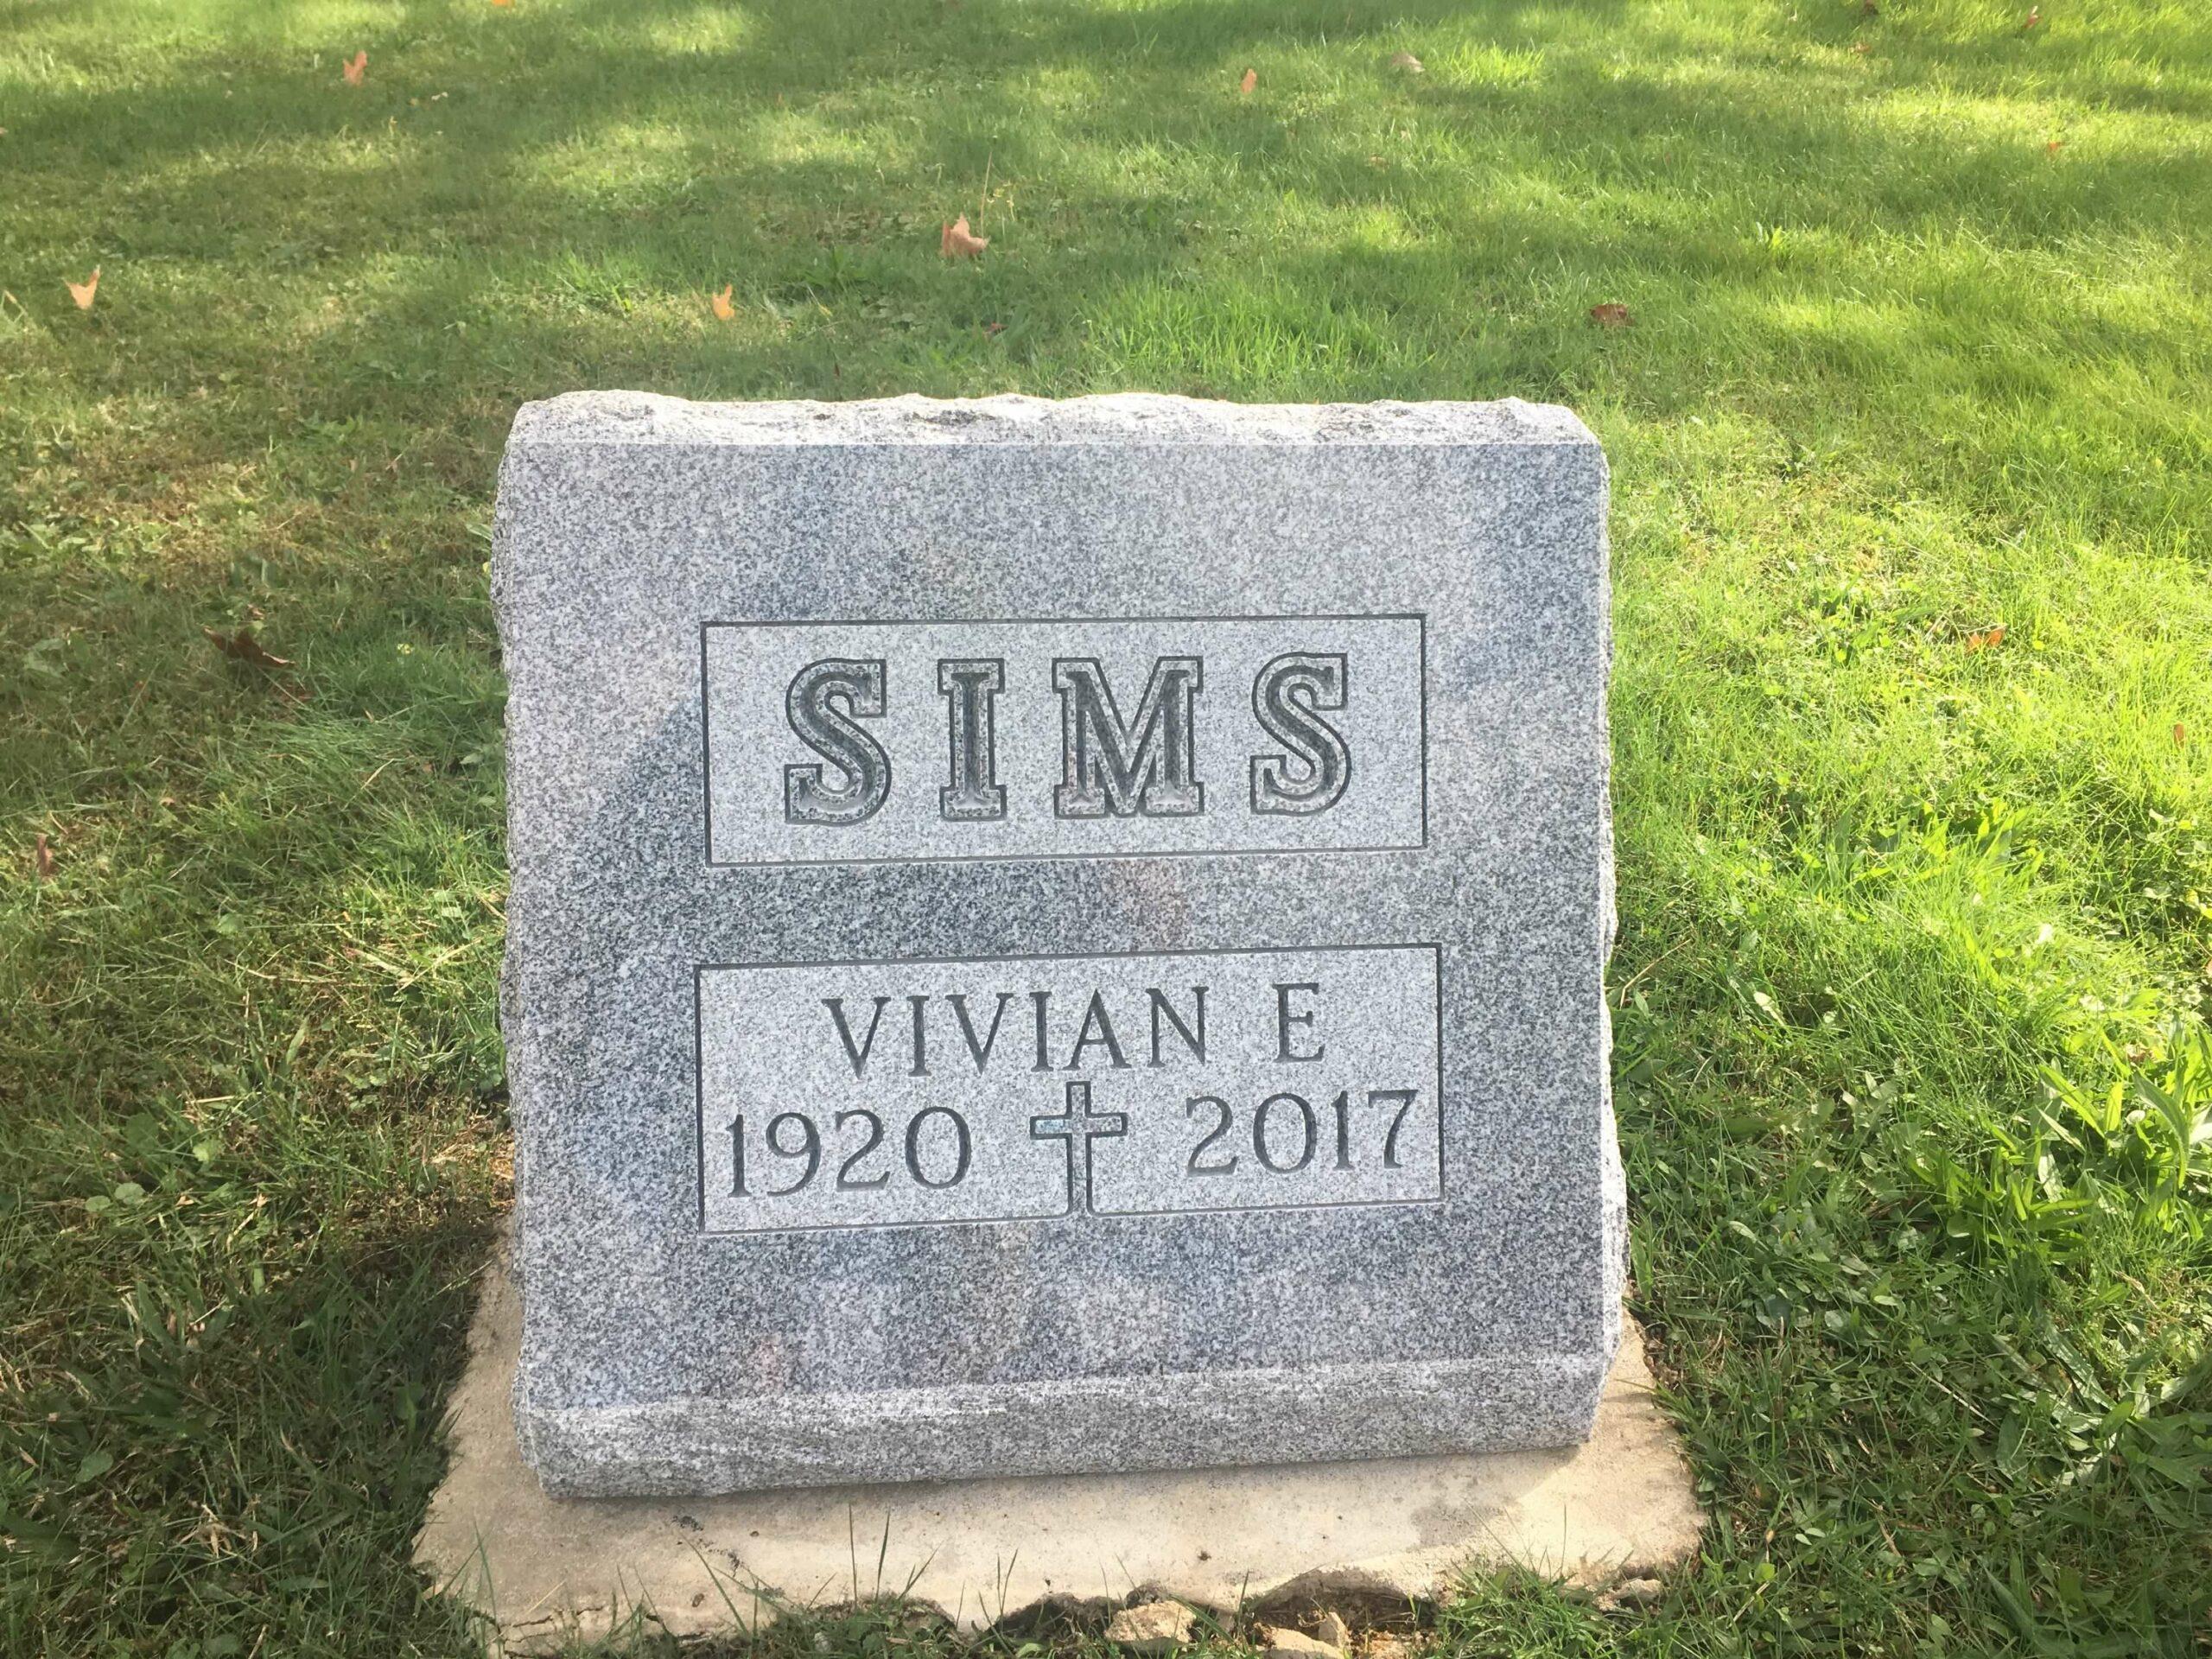 Sims, Vivian - Mt. Olive Cem., Gray